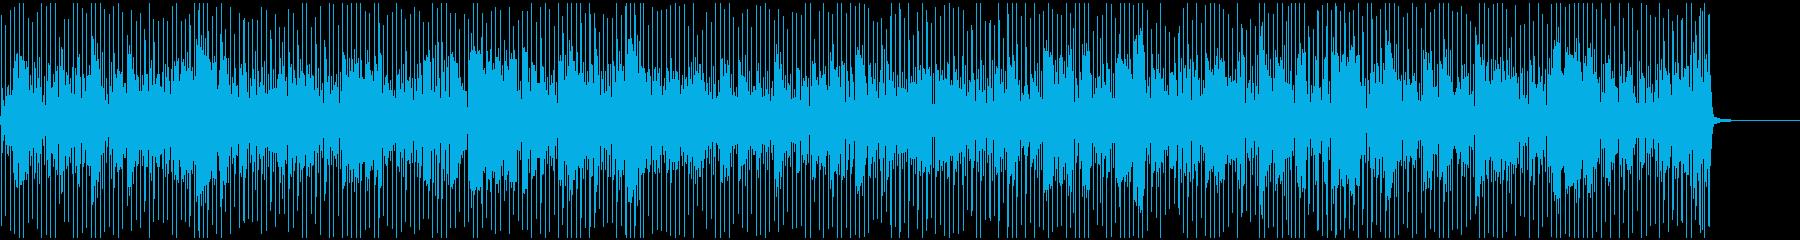 ハーモニカ中心の陽気なブルーグラスの再生済みの波形